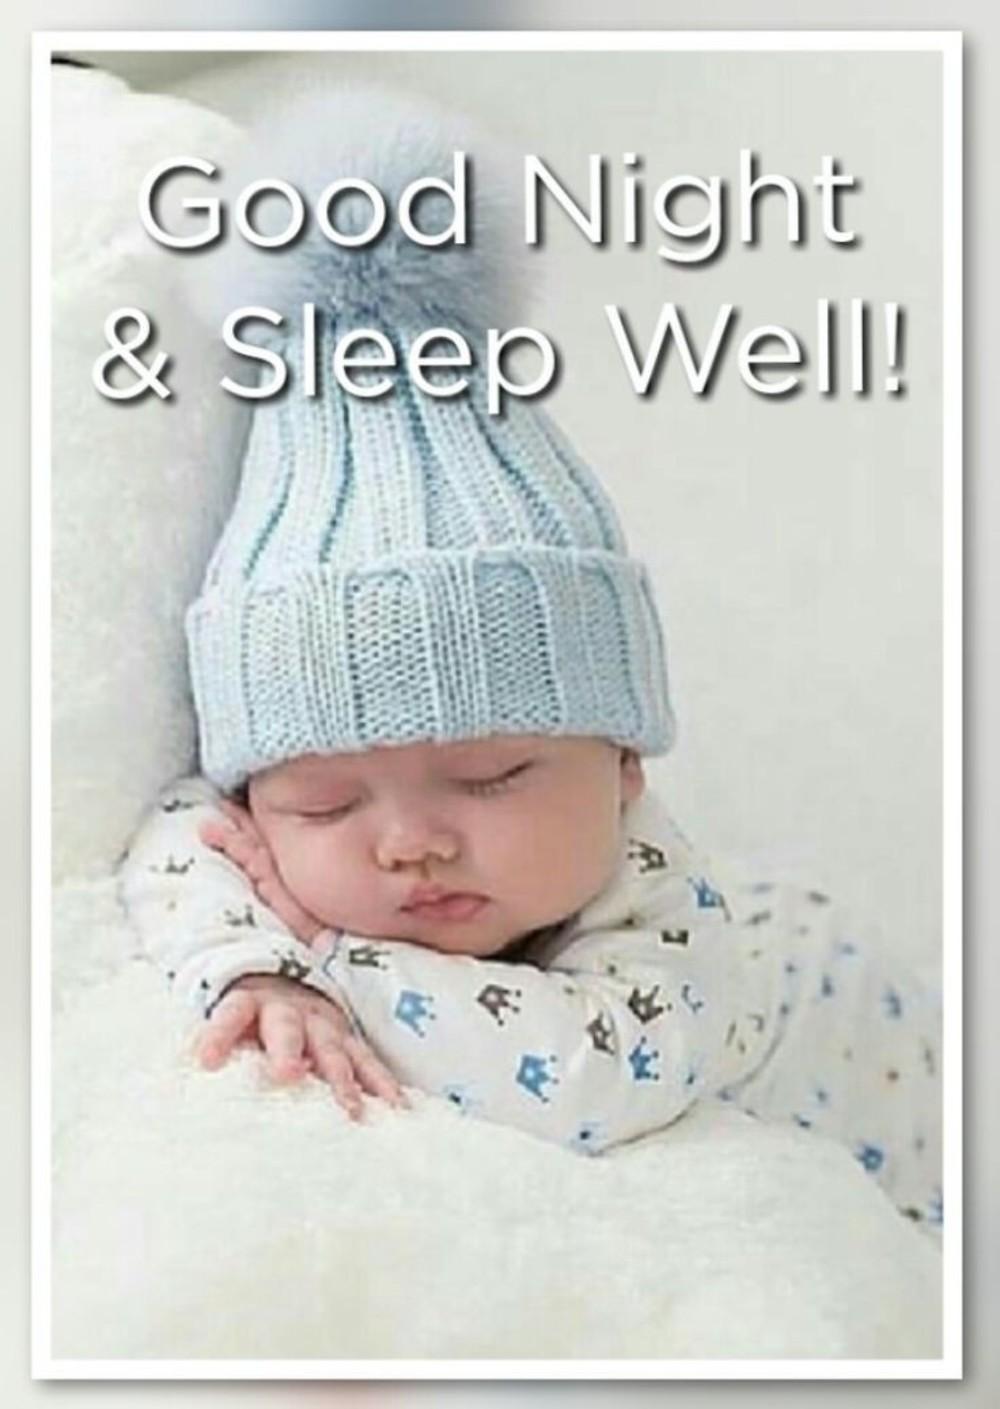 immagini nuove buonanotte bimbi belli (2)